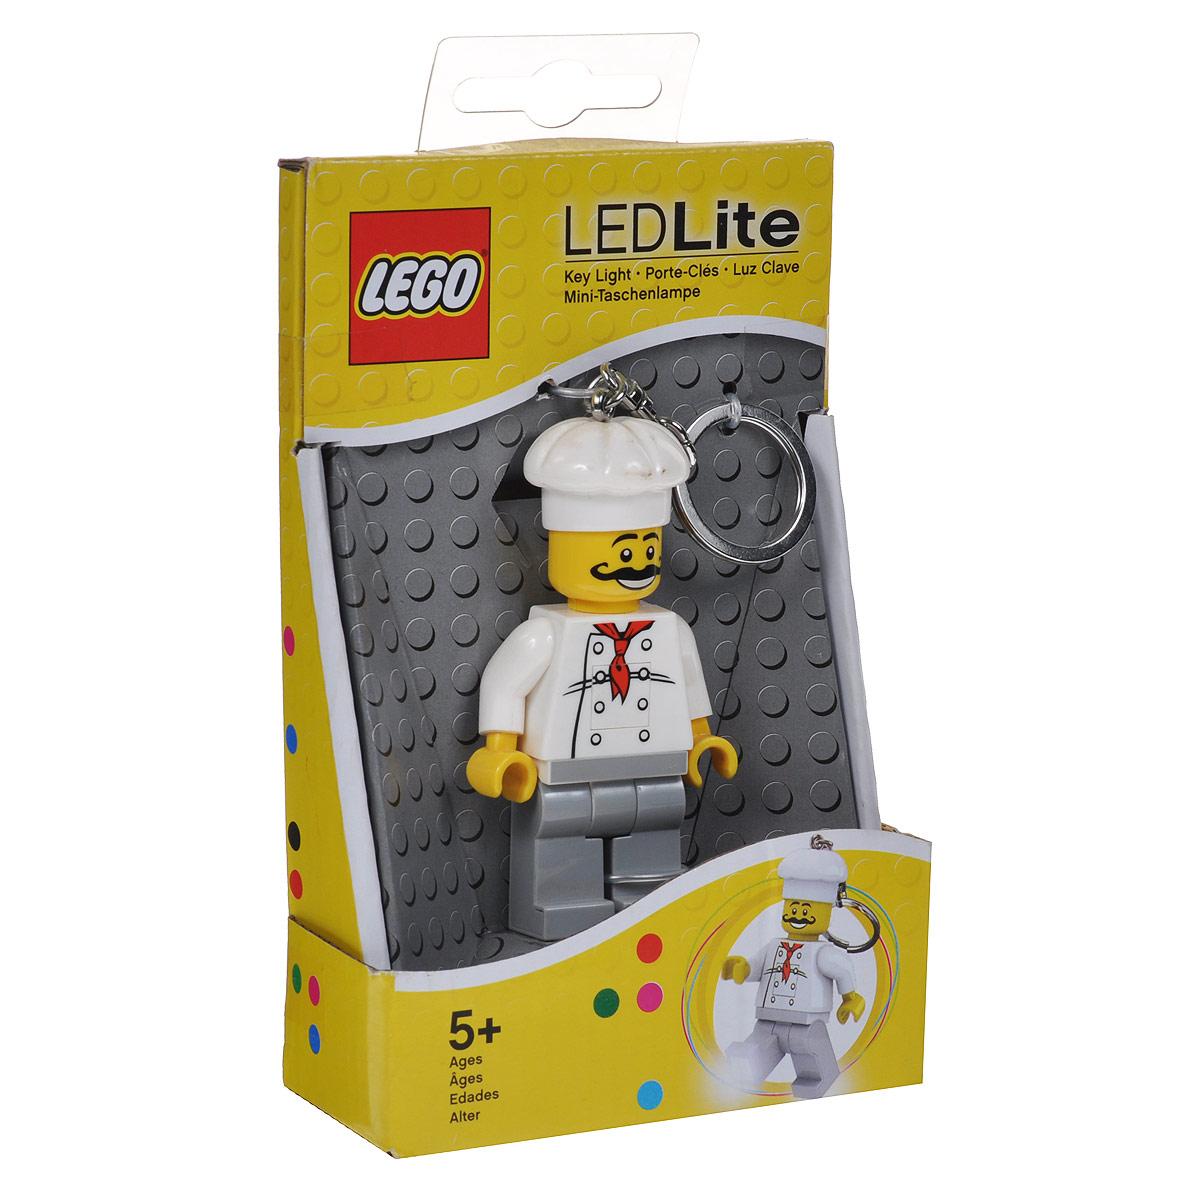 Брелок-фонарик для ключей Lego ChefLGL-KE24Брелок-фонарик для ключей Lego Chef станет отличным подарком для знакомых или коллег по работе. Его можно пристегнуть к рюкзаку, сумке или повесить на связку ключей. Lego Chef - это современный осветительный прибор в классической форме фигурки Lego с подвижными конечностями. В ноги фигурки встроены два ярких светодиода, которые включаются нажатием на кнопку, расположенную на животе человечка. Характеристики: Материал: пластик, металл. Размер брелока (без учета застежки-карабина): 7,5 см см х 4,5 см х 2 см. Изготовитель: Китай. BR> В комплекте c батарейками 2 х СR2025 3v.